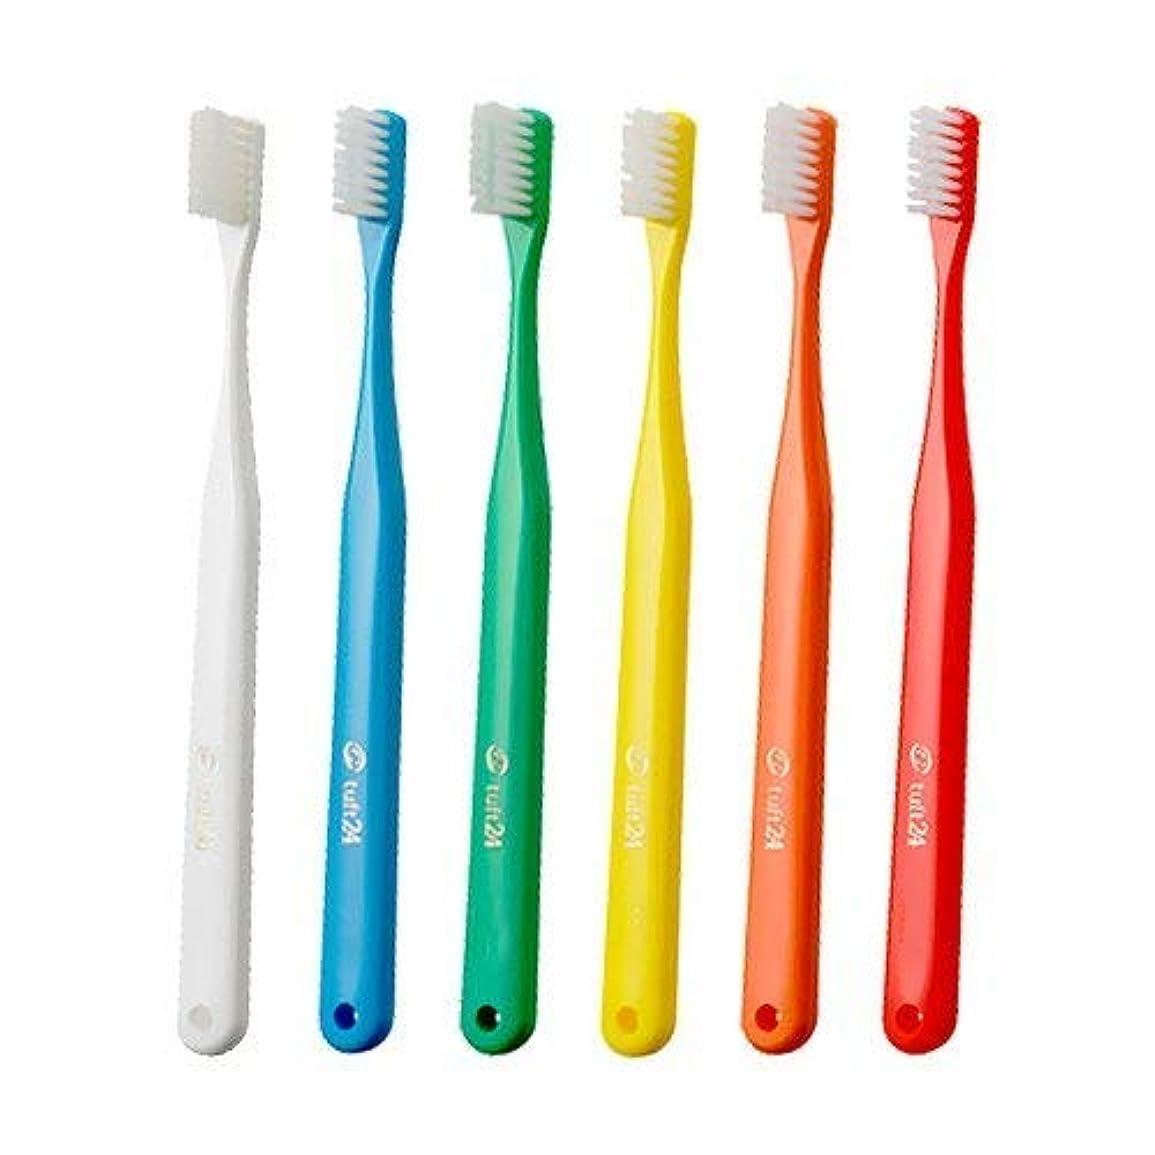 オーラルケア キャップなし タフト24 歯ブラシ × 10本 (MH)